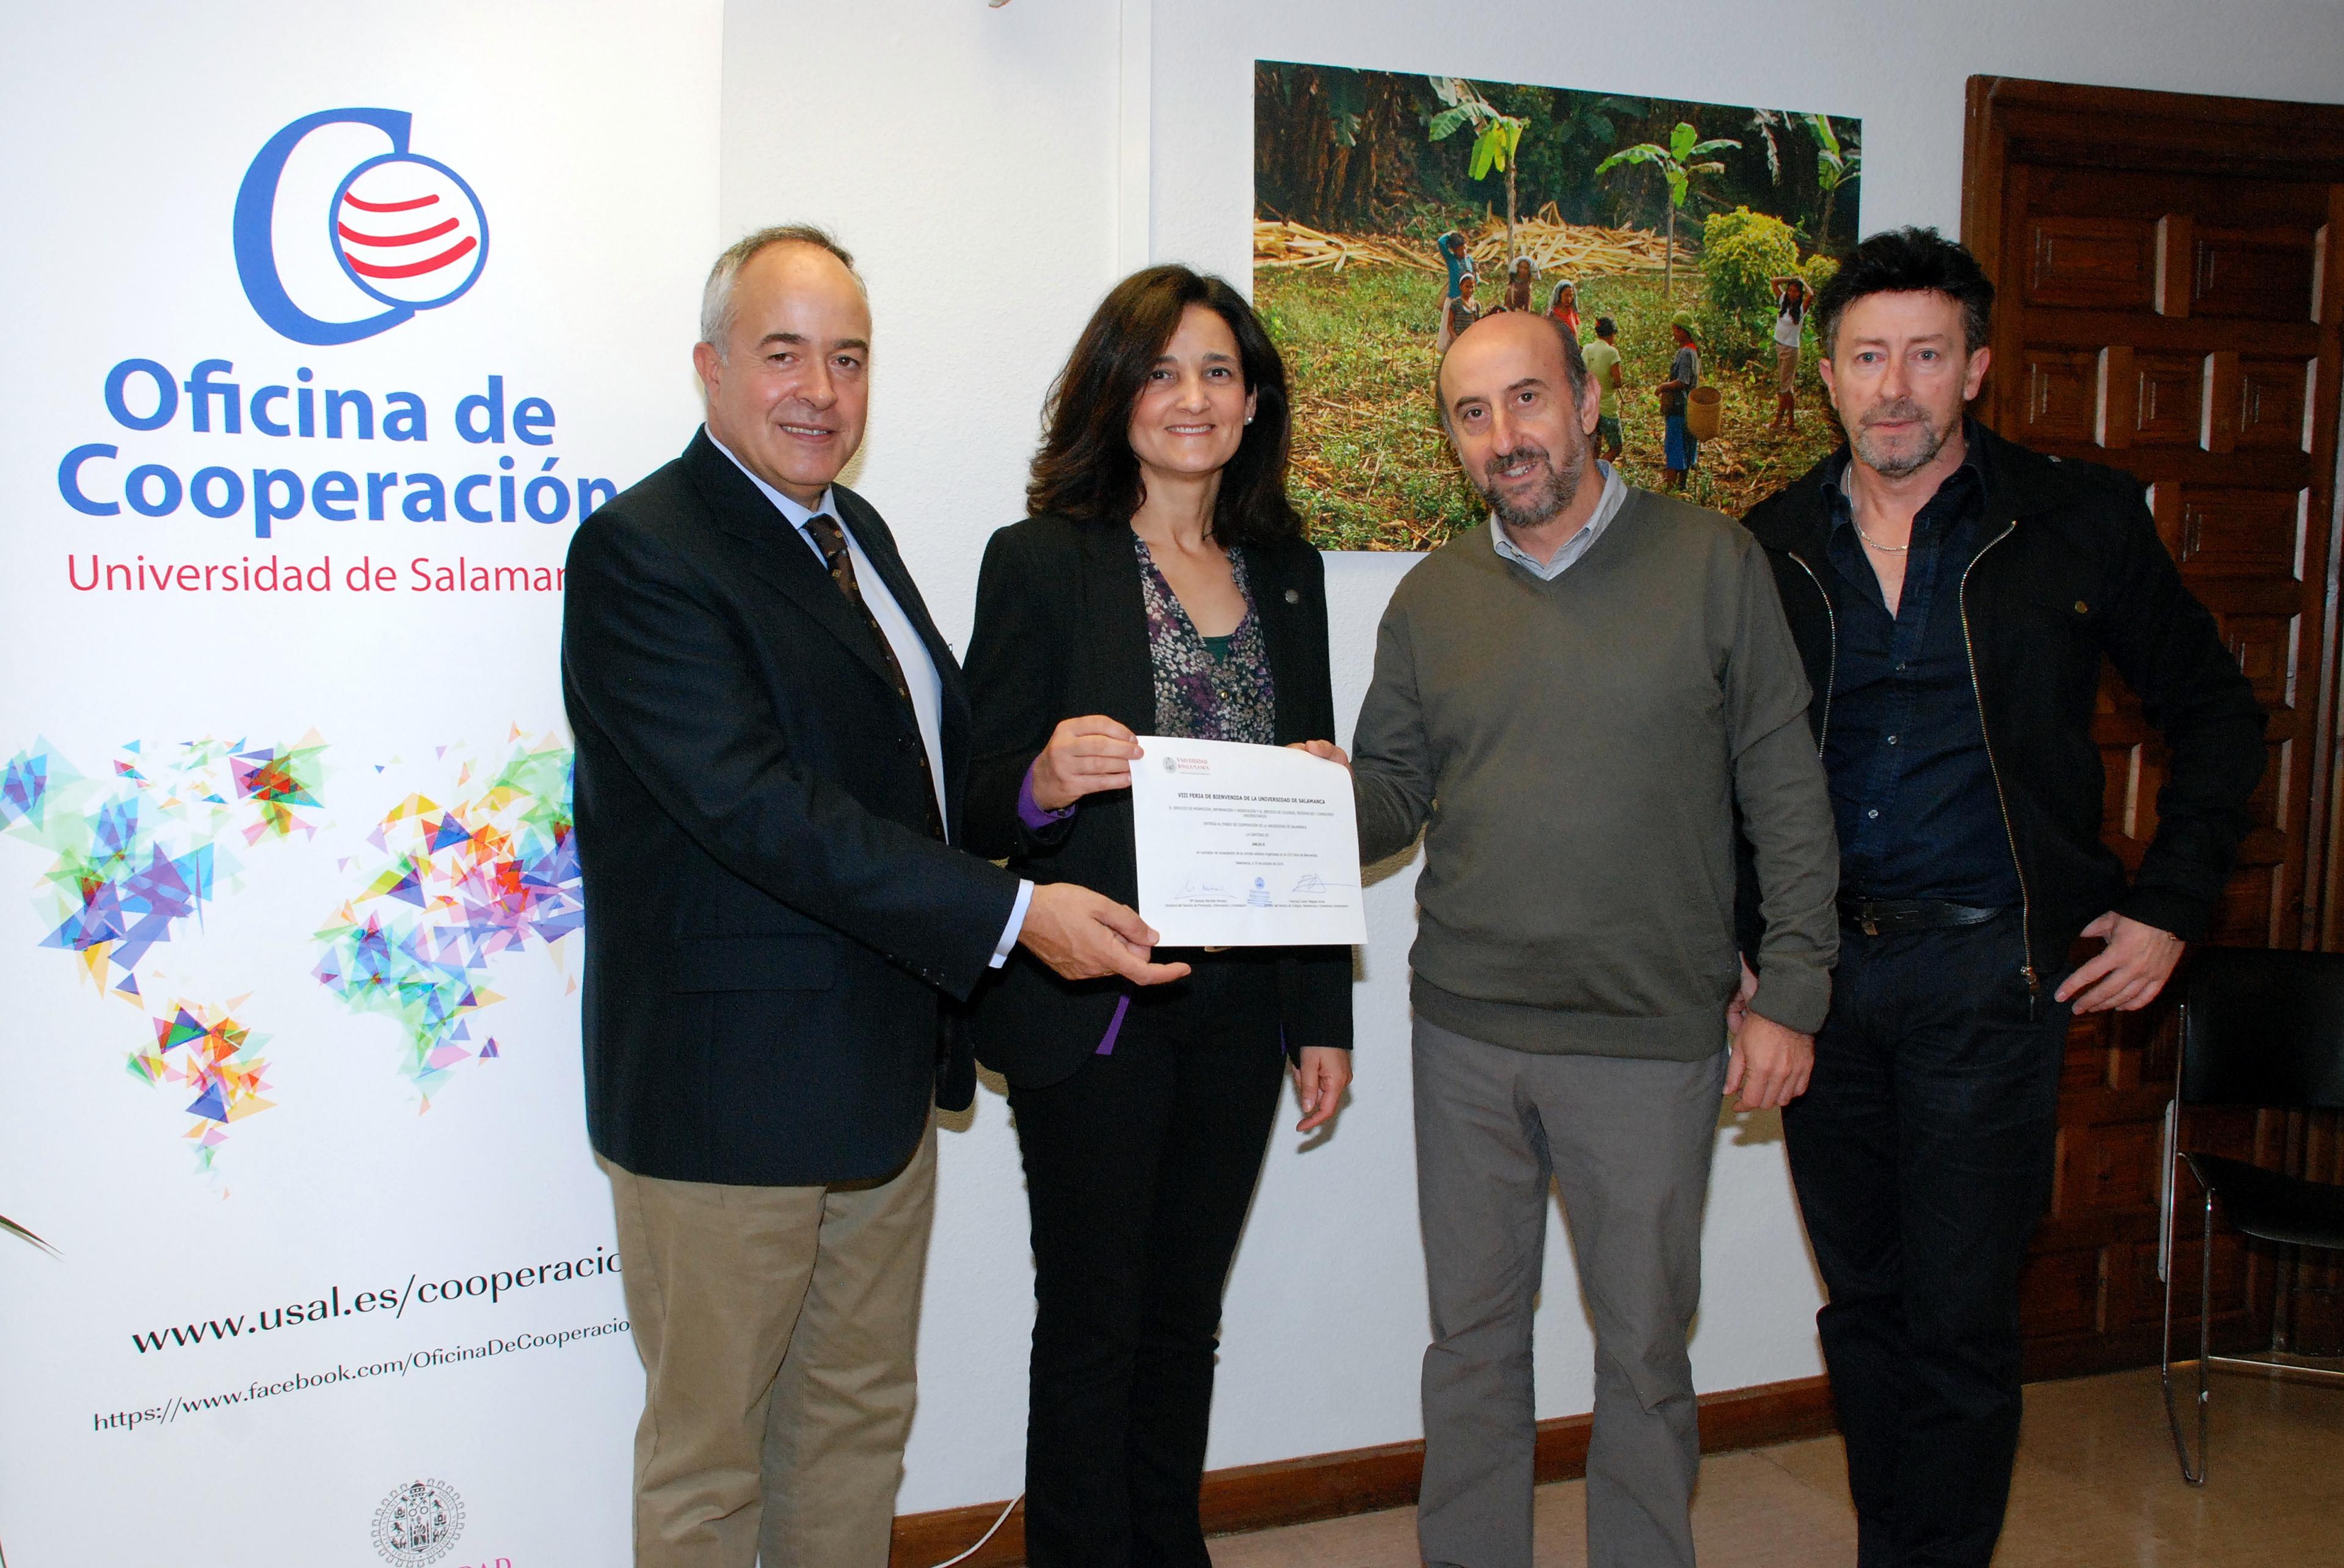 La Oficina de Cooperación de la Universidad de Salamanca recibe la recaudación de la campaña 'Bocadillo solidario'